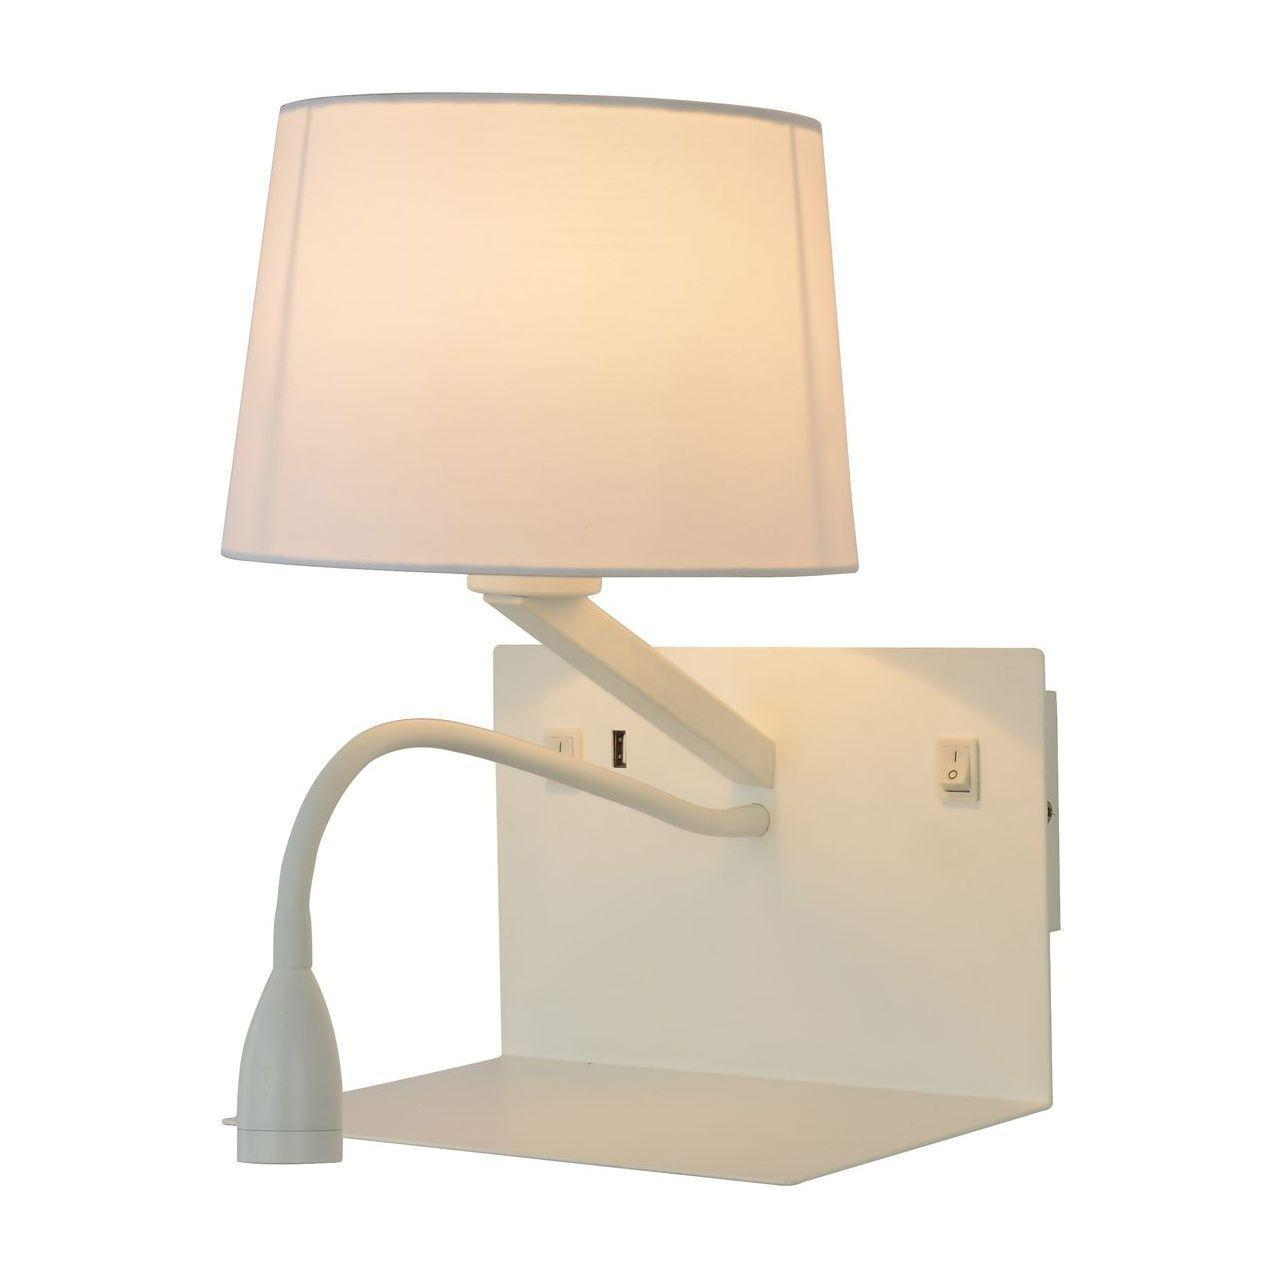 Бра Arte Lamp Ibis A1056AP-2WH ibis bhp billiton